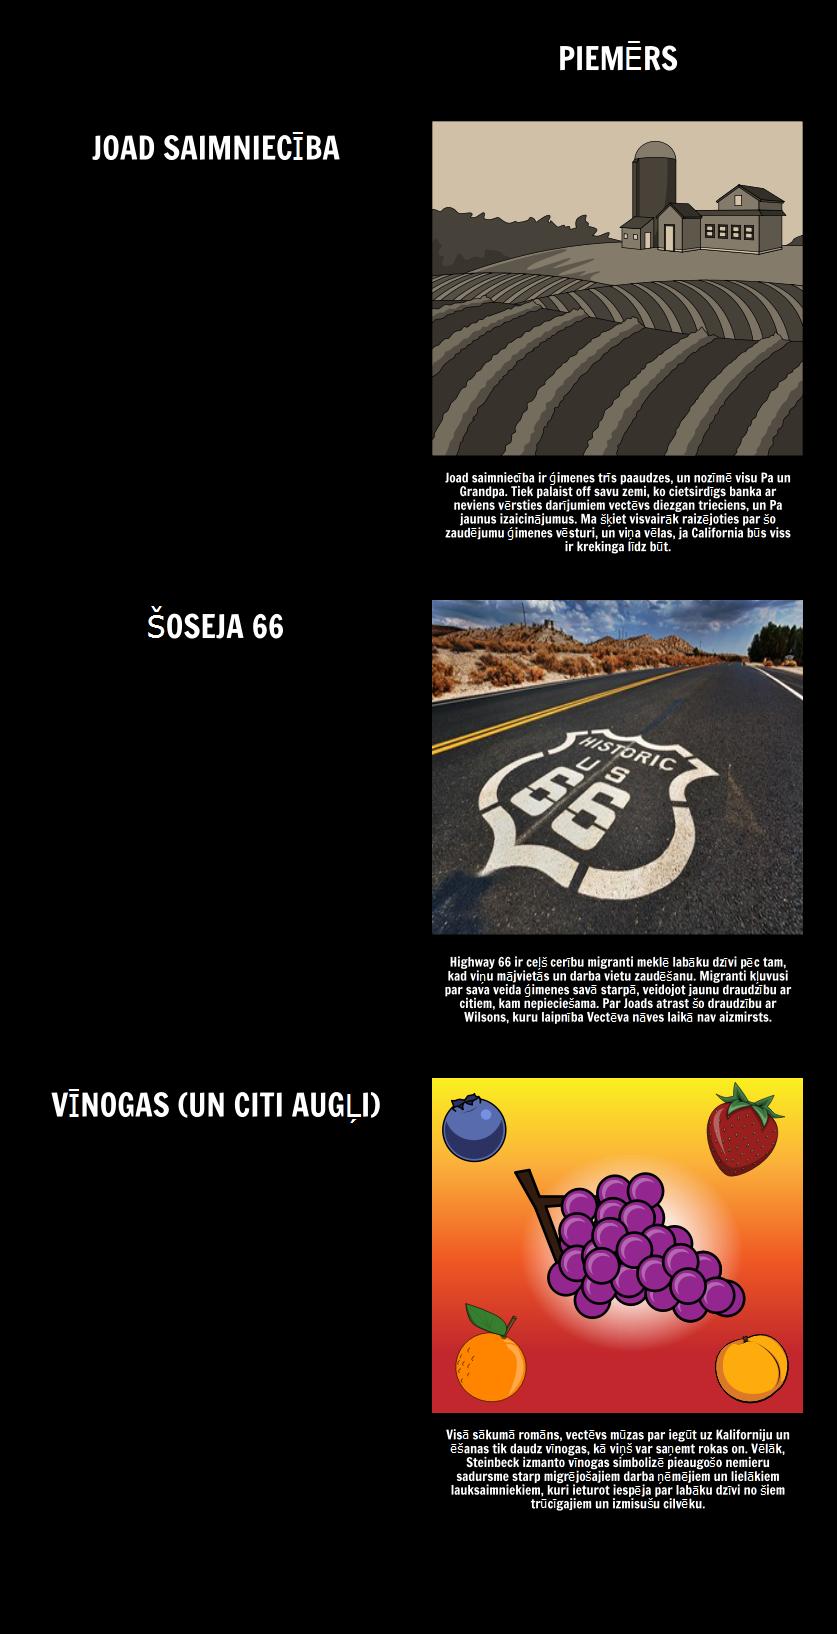 Tēmas, Motīvi un Simboli Sašutums Vīnogas